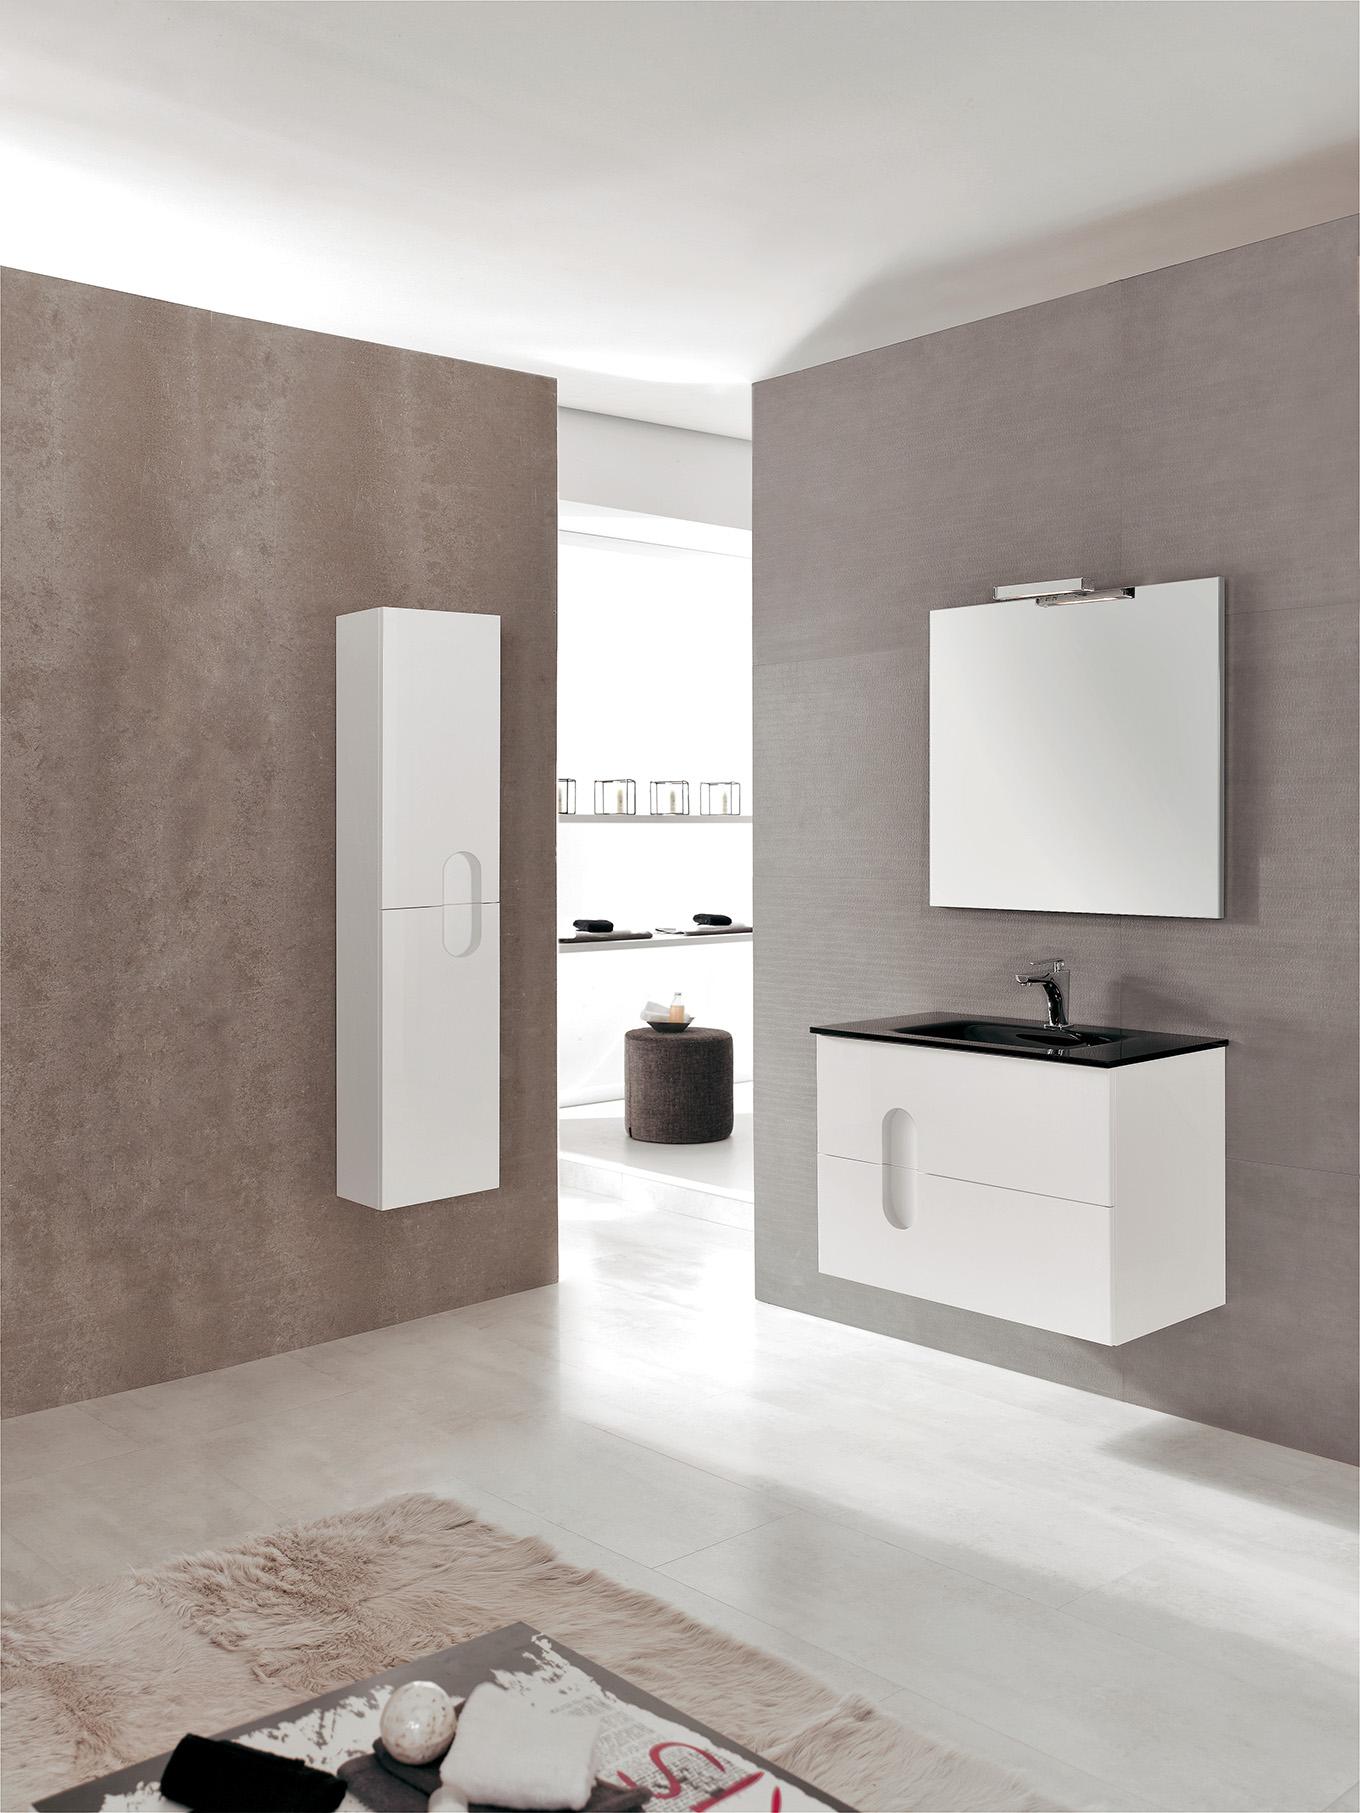 Meuble Salle De Bain Action ~ sapro nouvelle gamme de meubles de salle de bains